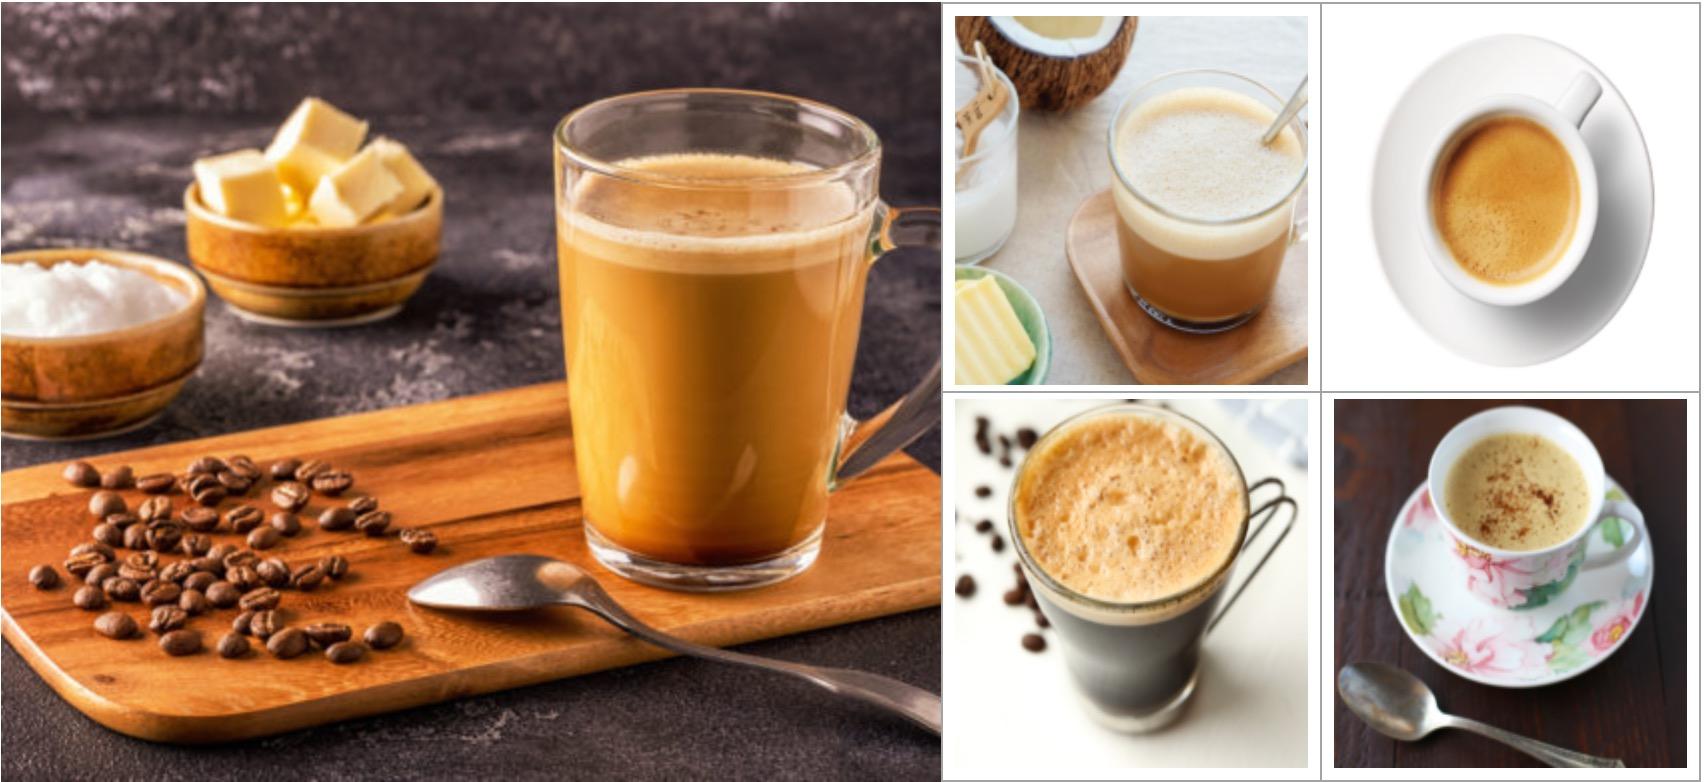 рецепт Bulletproof кофе🔴 Веганский Bulletproof Coffee будет поддерживать вашу форму и здоровье в течение всего дня